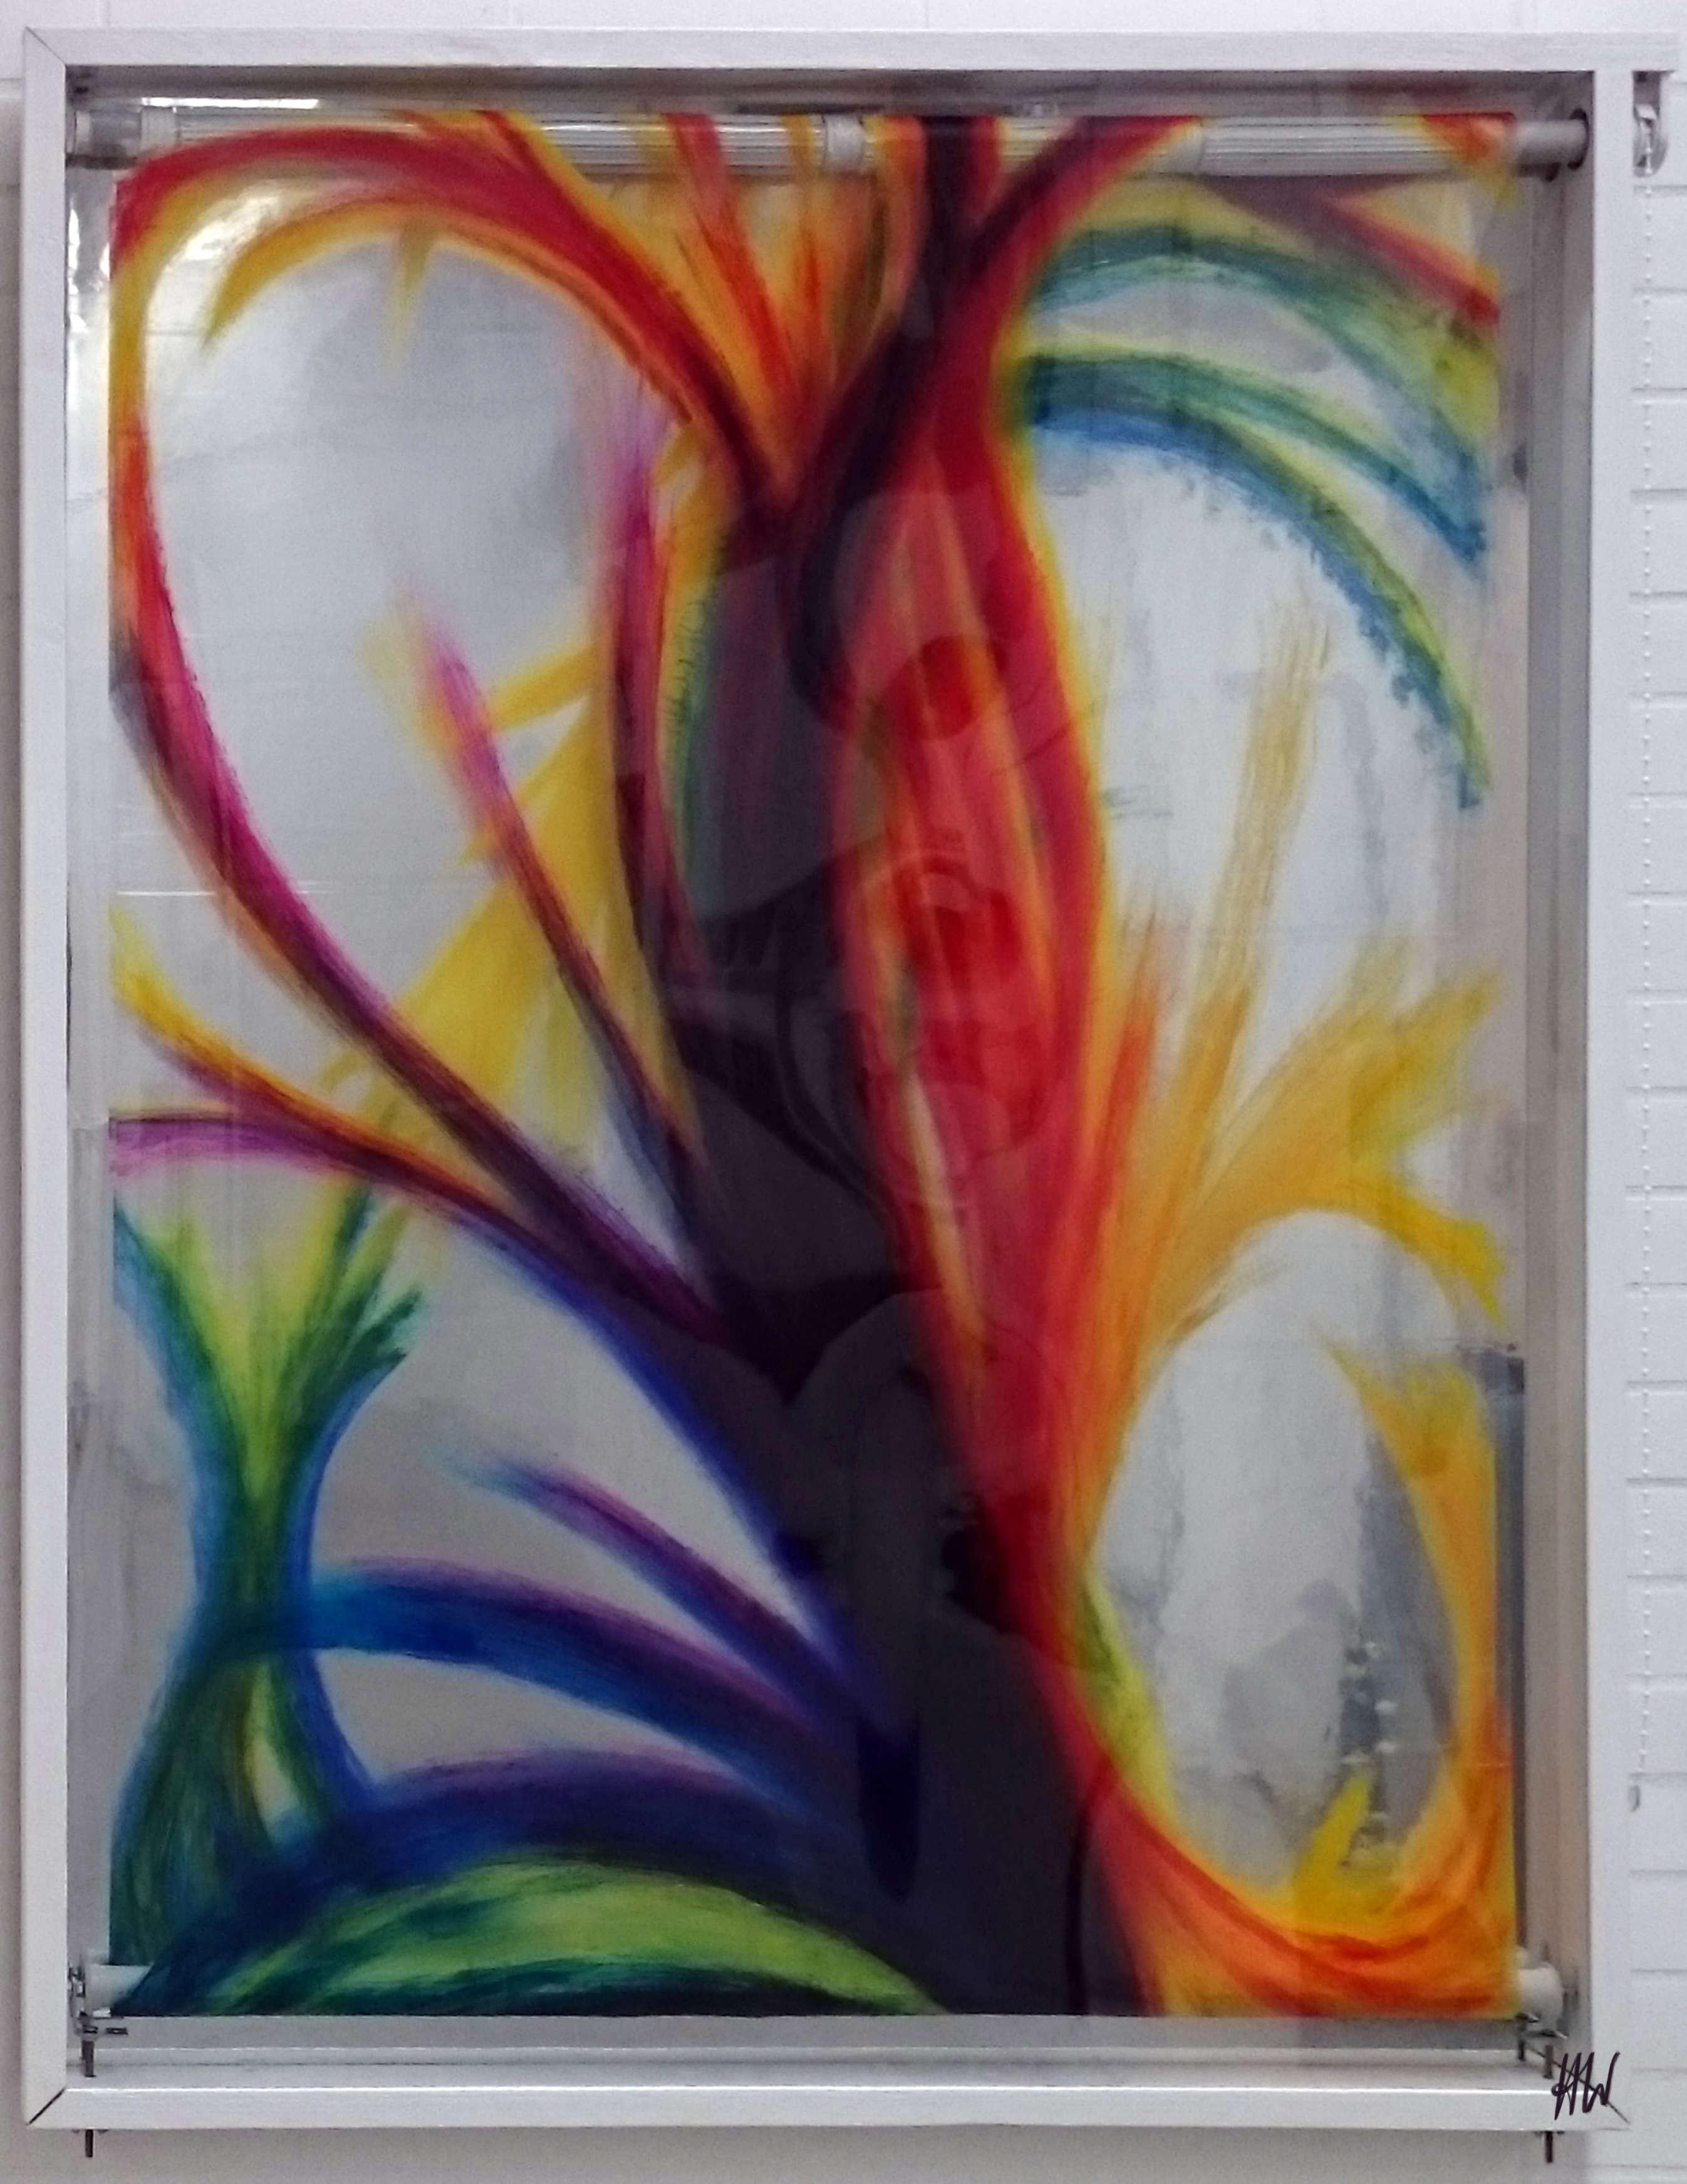 Heidrun Wettengl: Dein Bild (Ansicht 1), Rollbild (Acryl auf Klarsicht- vor Spiegelfolie), 123x95 cm, 2017. Alle Rechte vorbehalten.